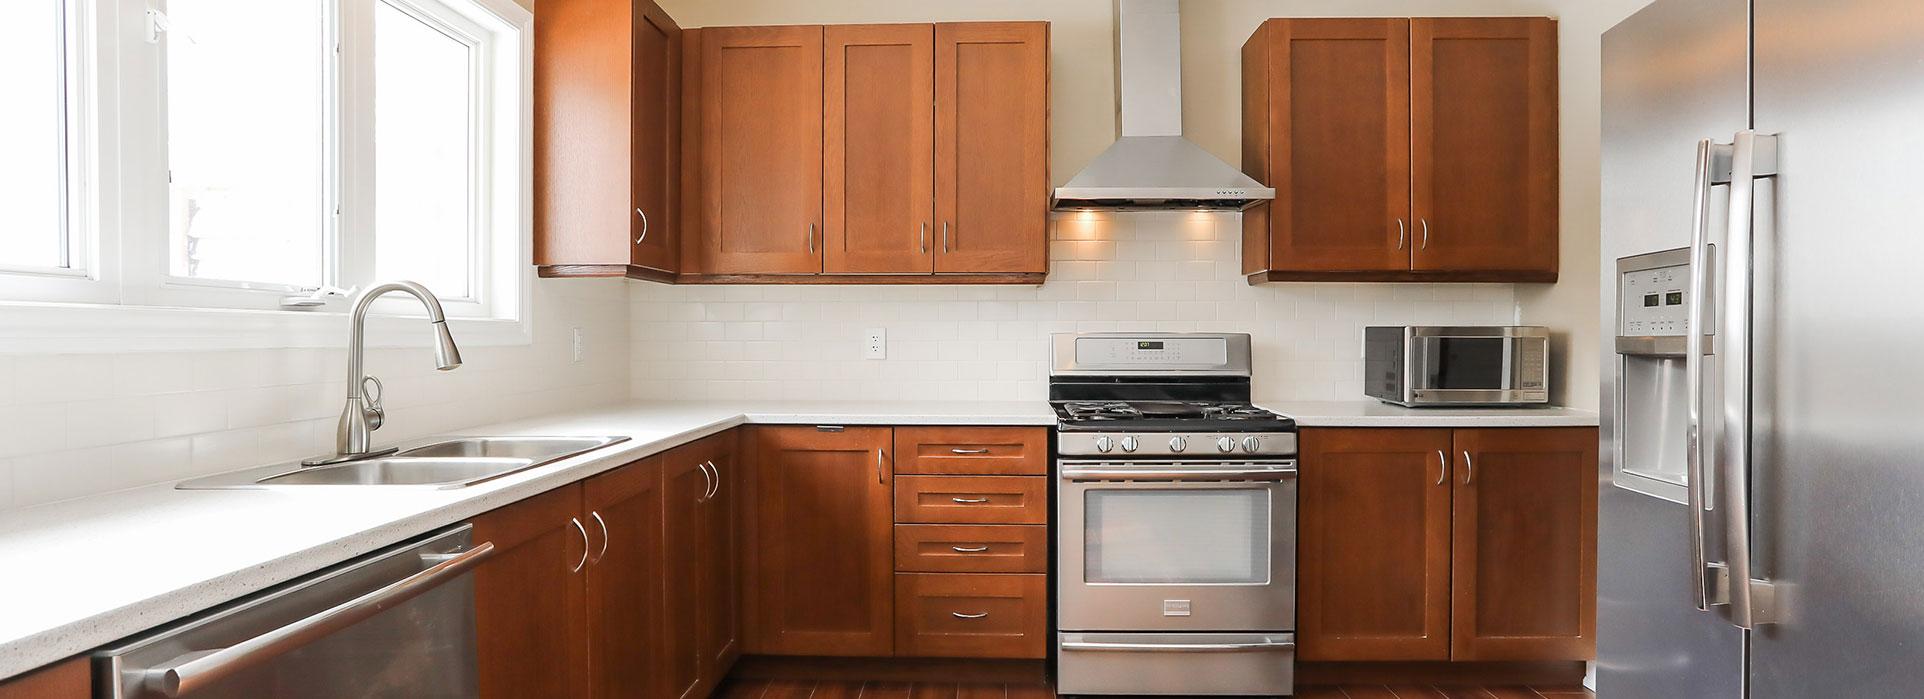 29 Merrington Avenue - Kitchen - Cripps Realty